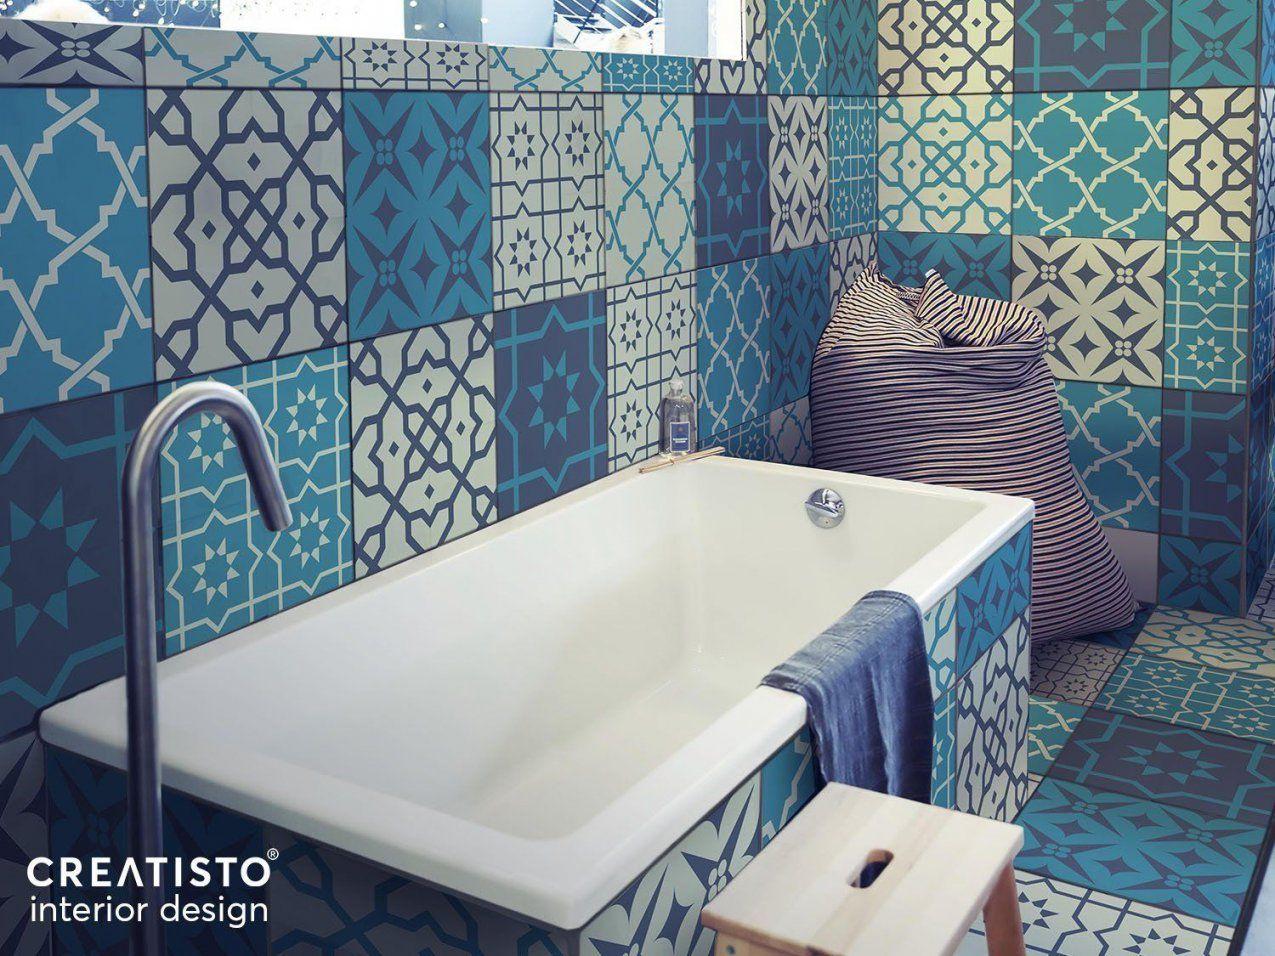 Sticker Fliesen Selbstklebende Fliesenfolie Badezimmerfolie Avec von Fliesen Folie Selbstklebend Bad Bild